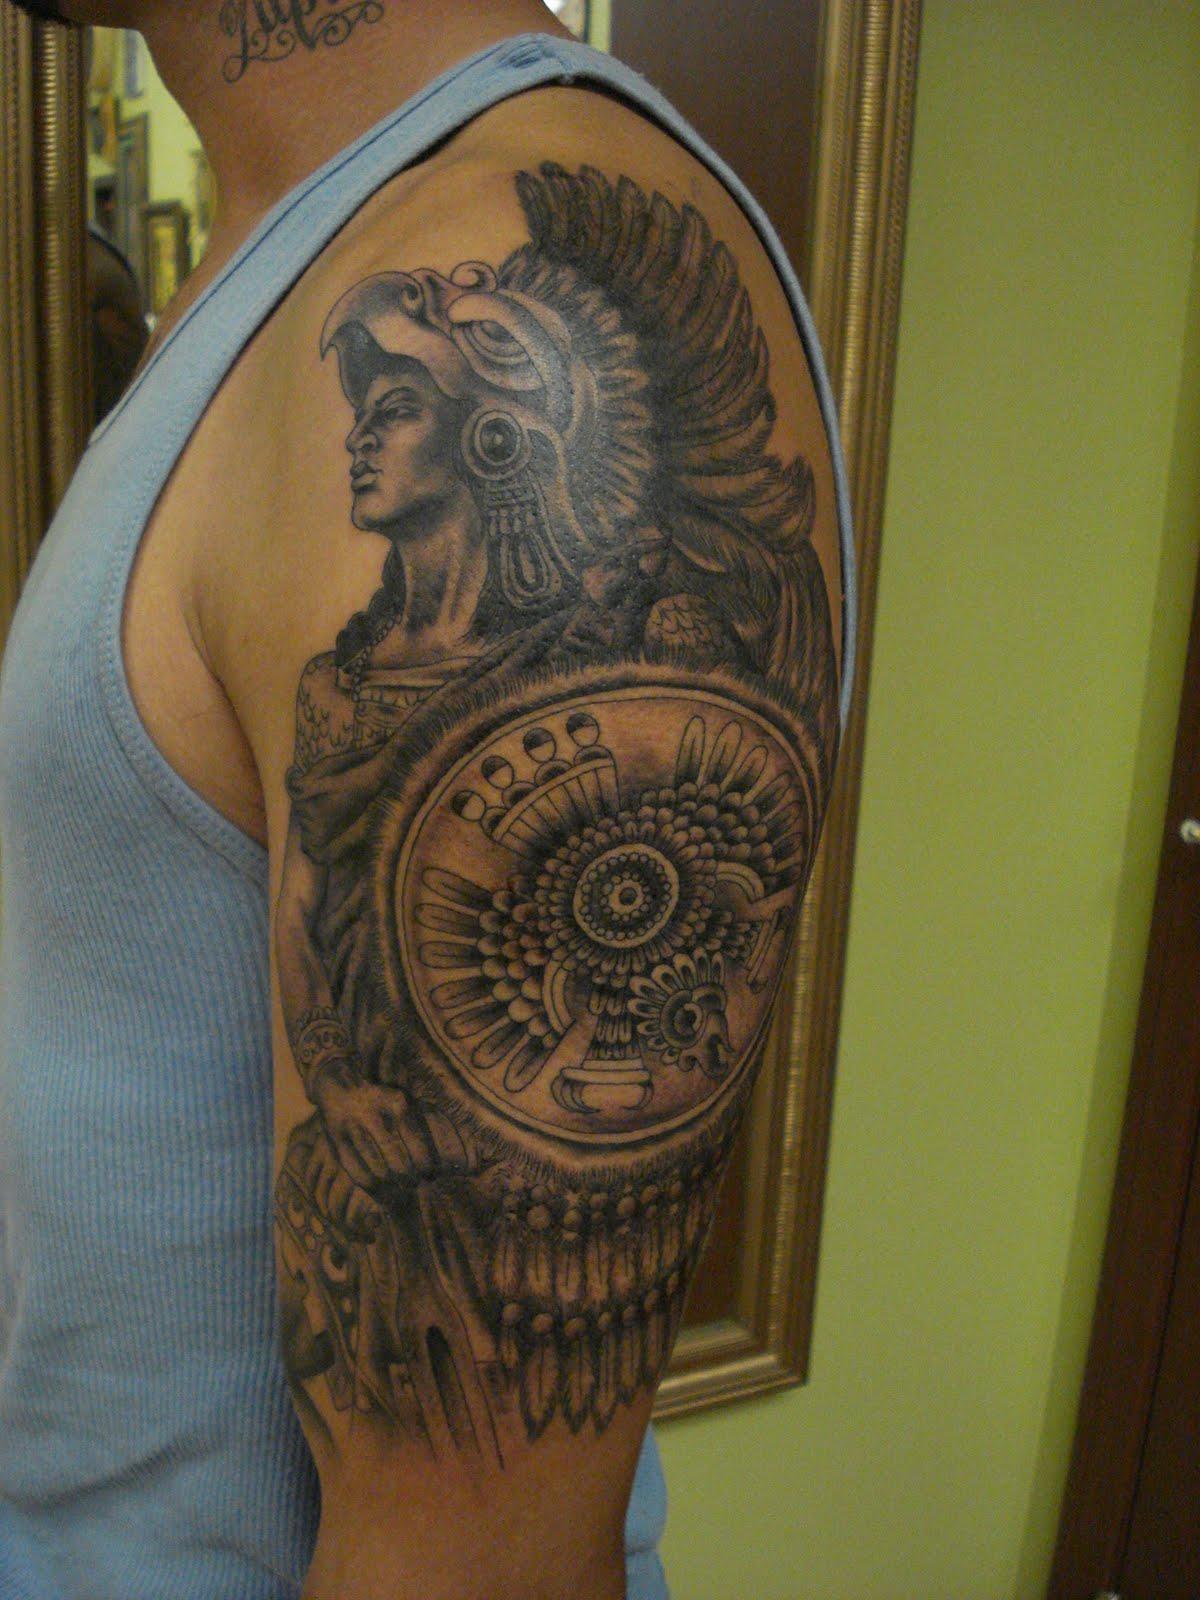 36d1be614 My Tattoo Designs: Aztec Warrior Tattoo - aztec tattoos